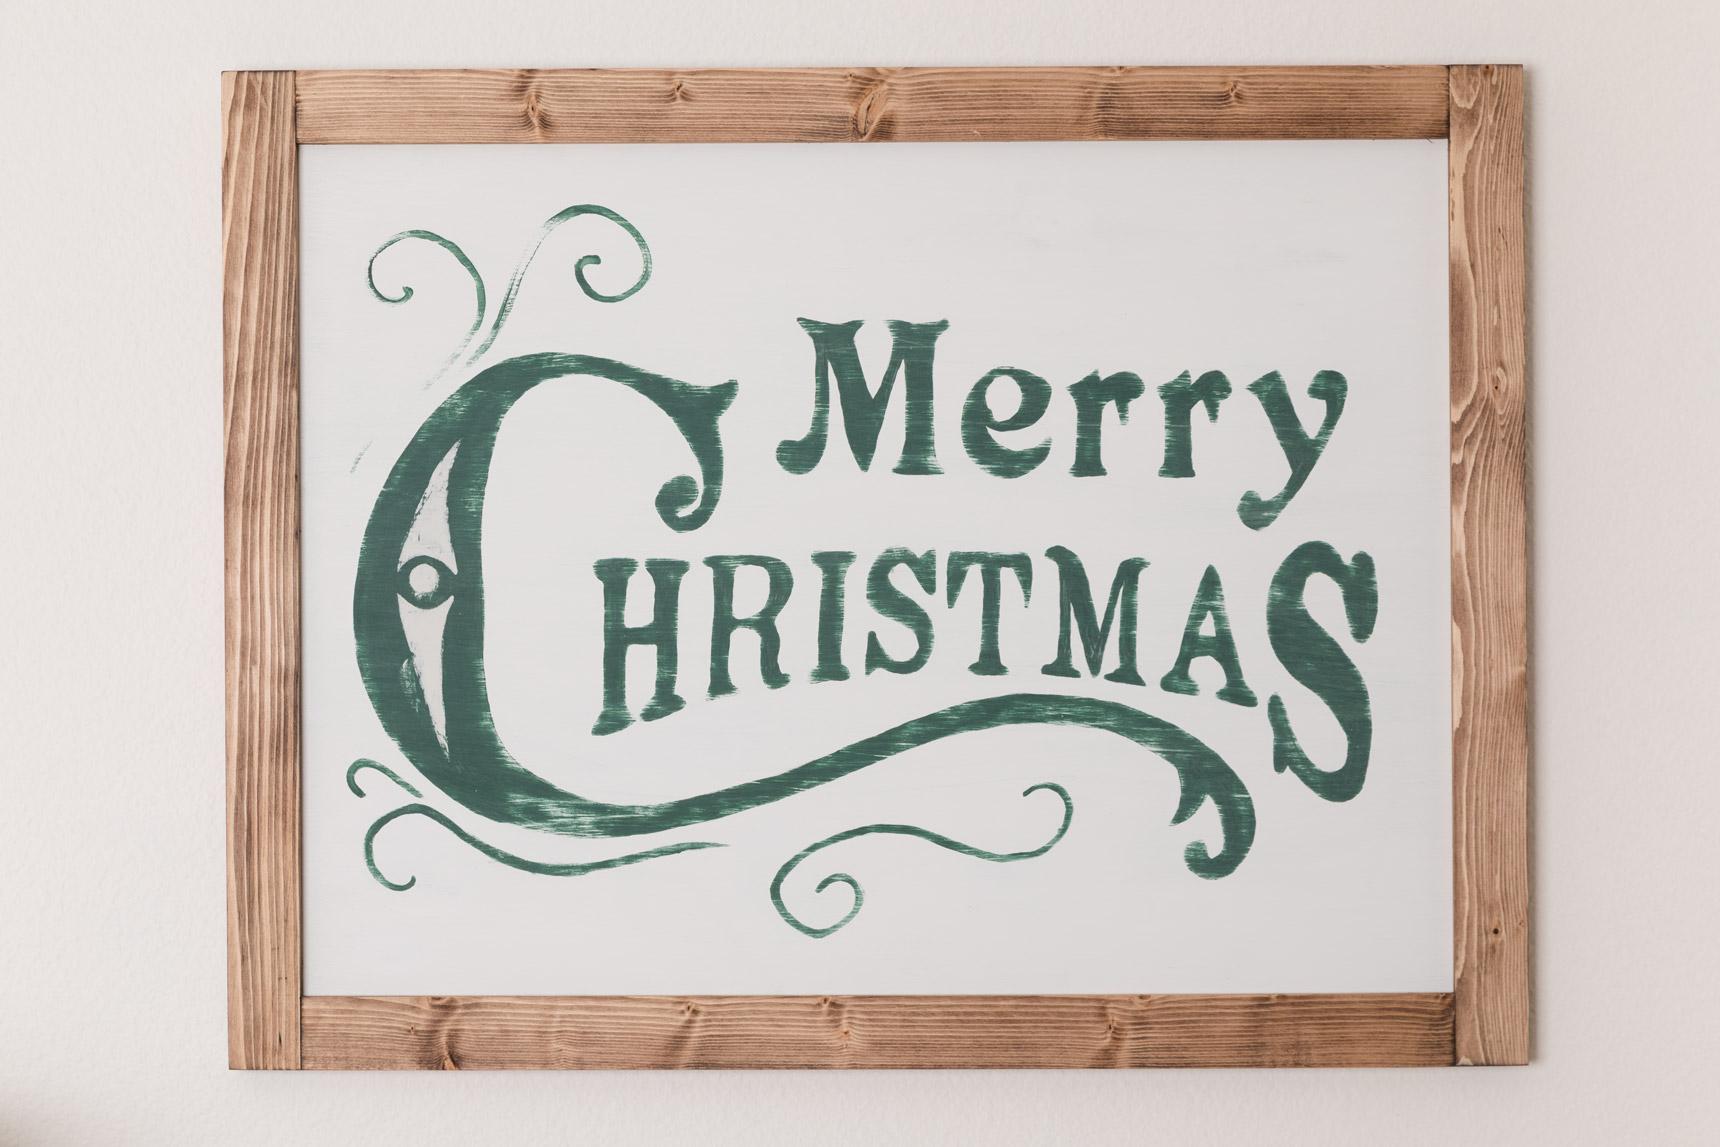 DIY Farmhouse Sign - Merry Christmas